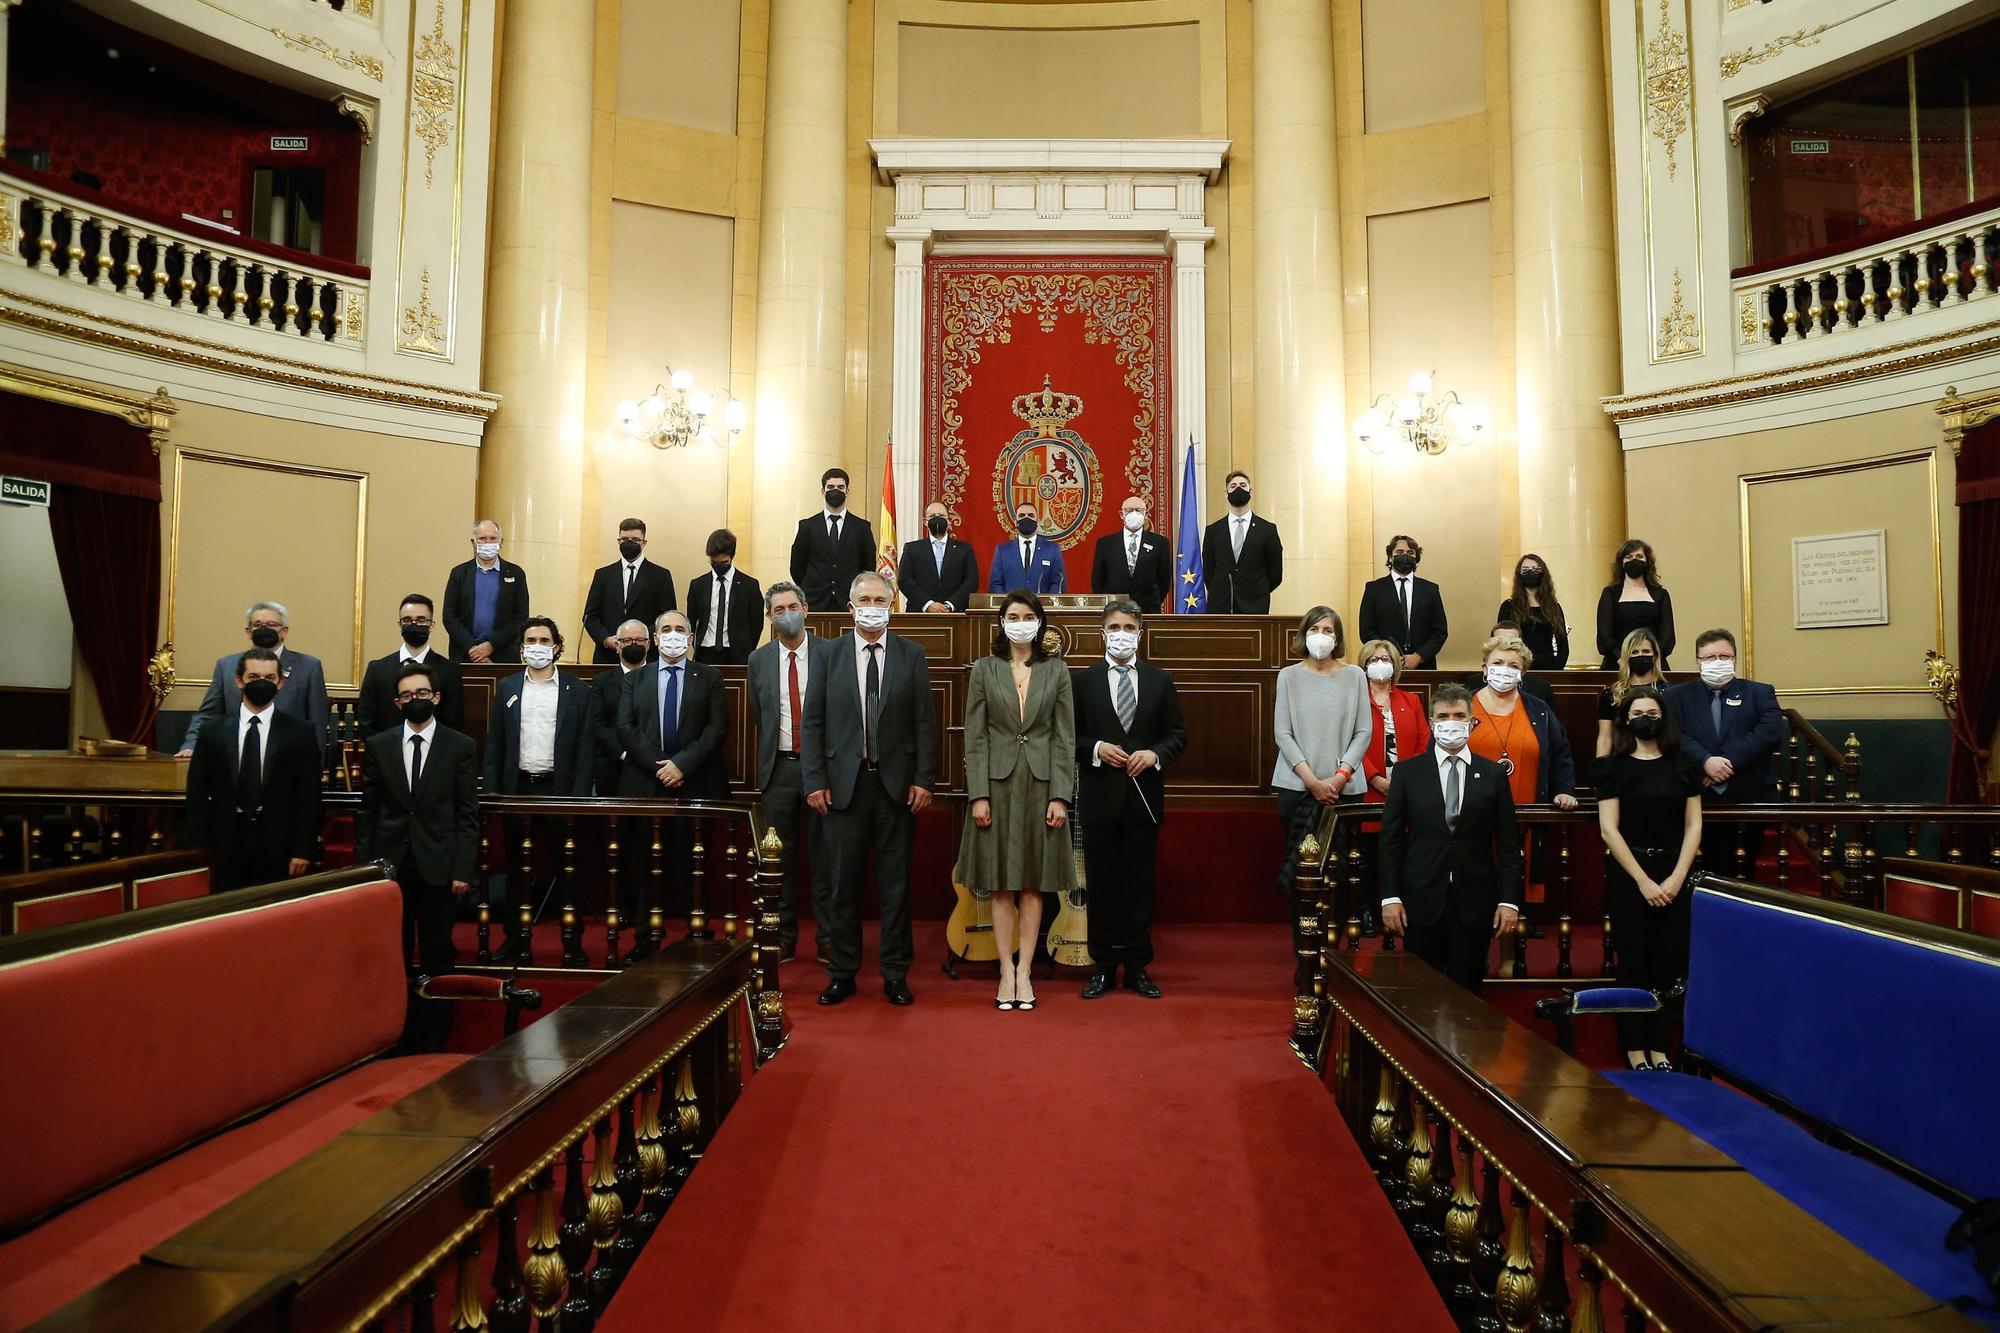 Foto de familia con los intérpretes y autoridades en el Senado.